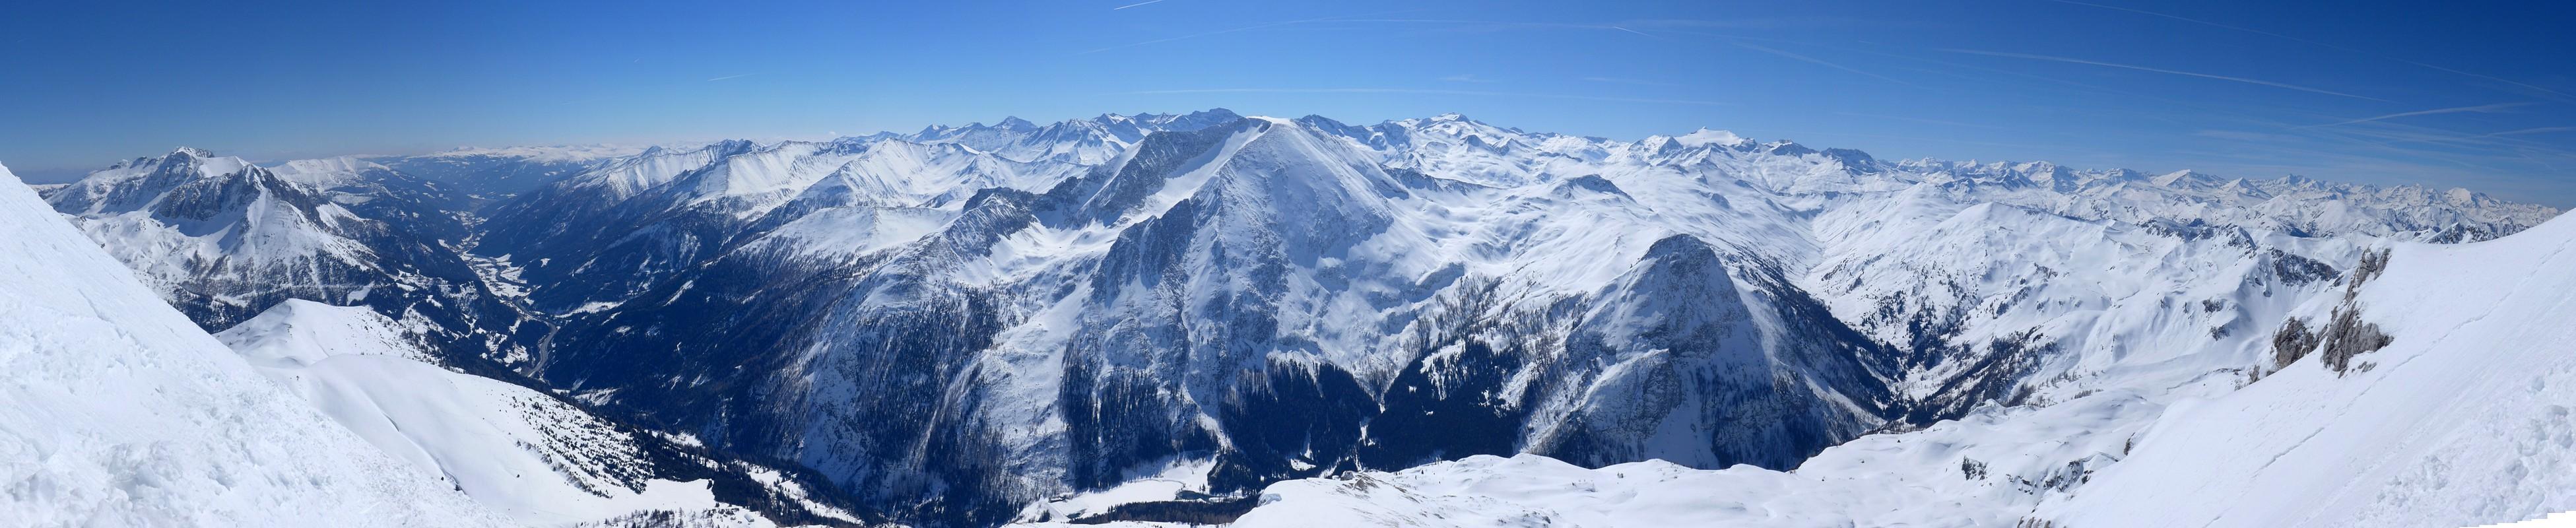 Weisseck Niedere Tauern Austria panorama 44